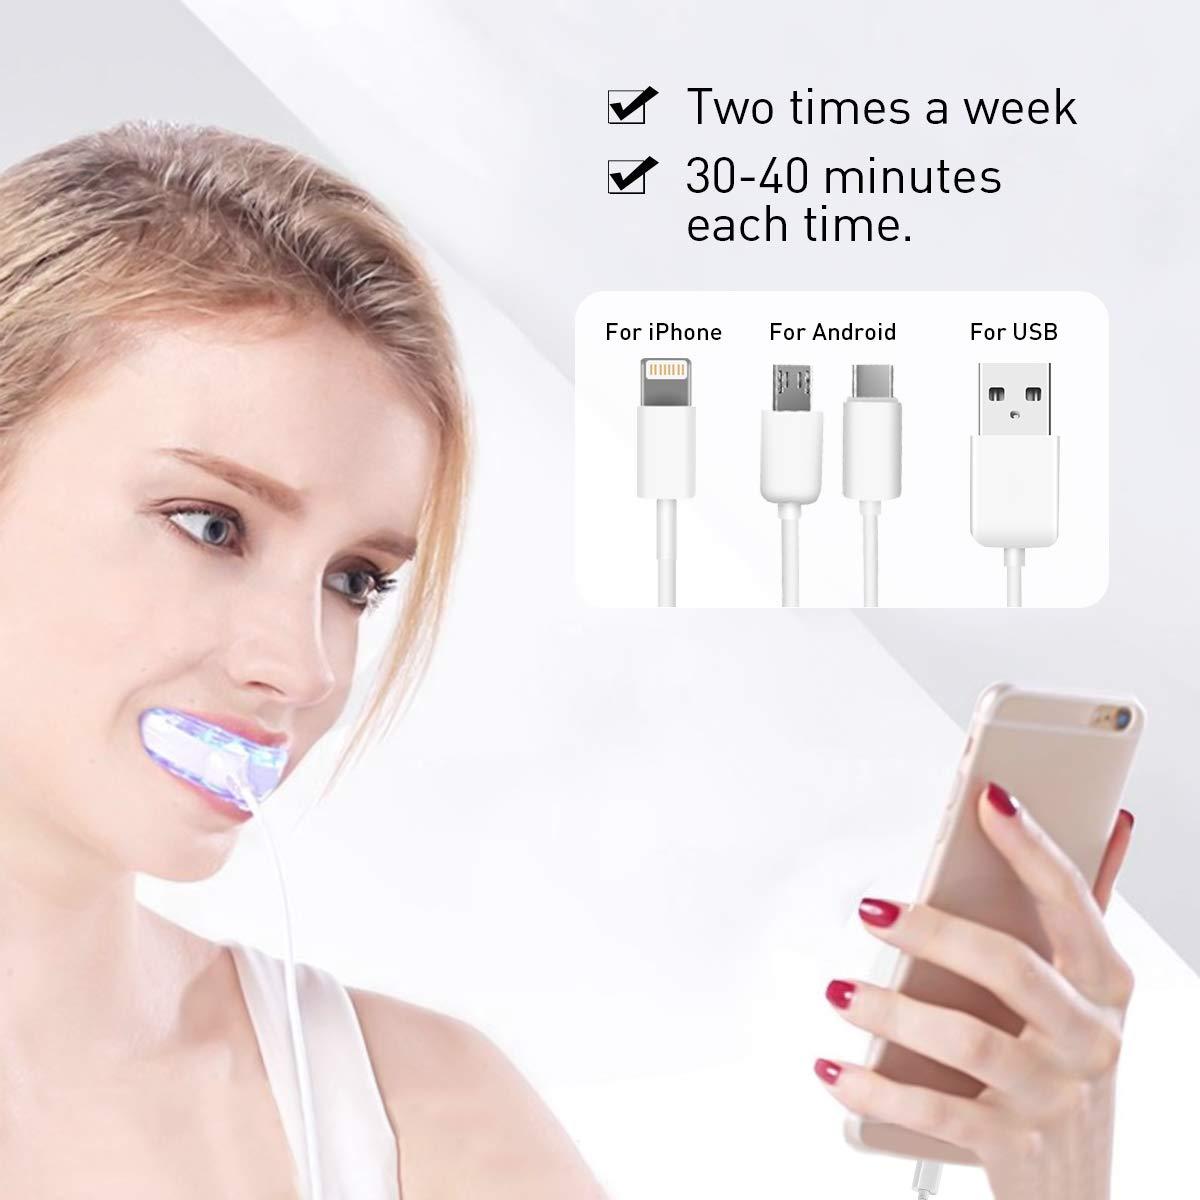 Luckyfine Kit de Blanqueamiento de Dientes Profesional, Blanqueamiento Dental - 1 Bandeja de Luz LED, Adaptadores para iPhone, Android y USB, ...